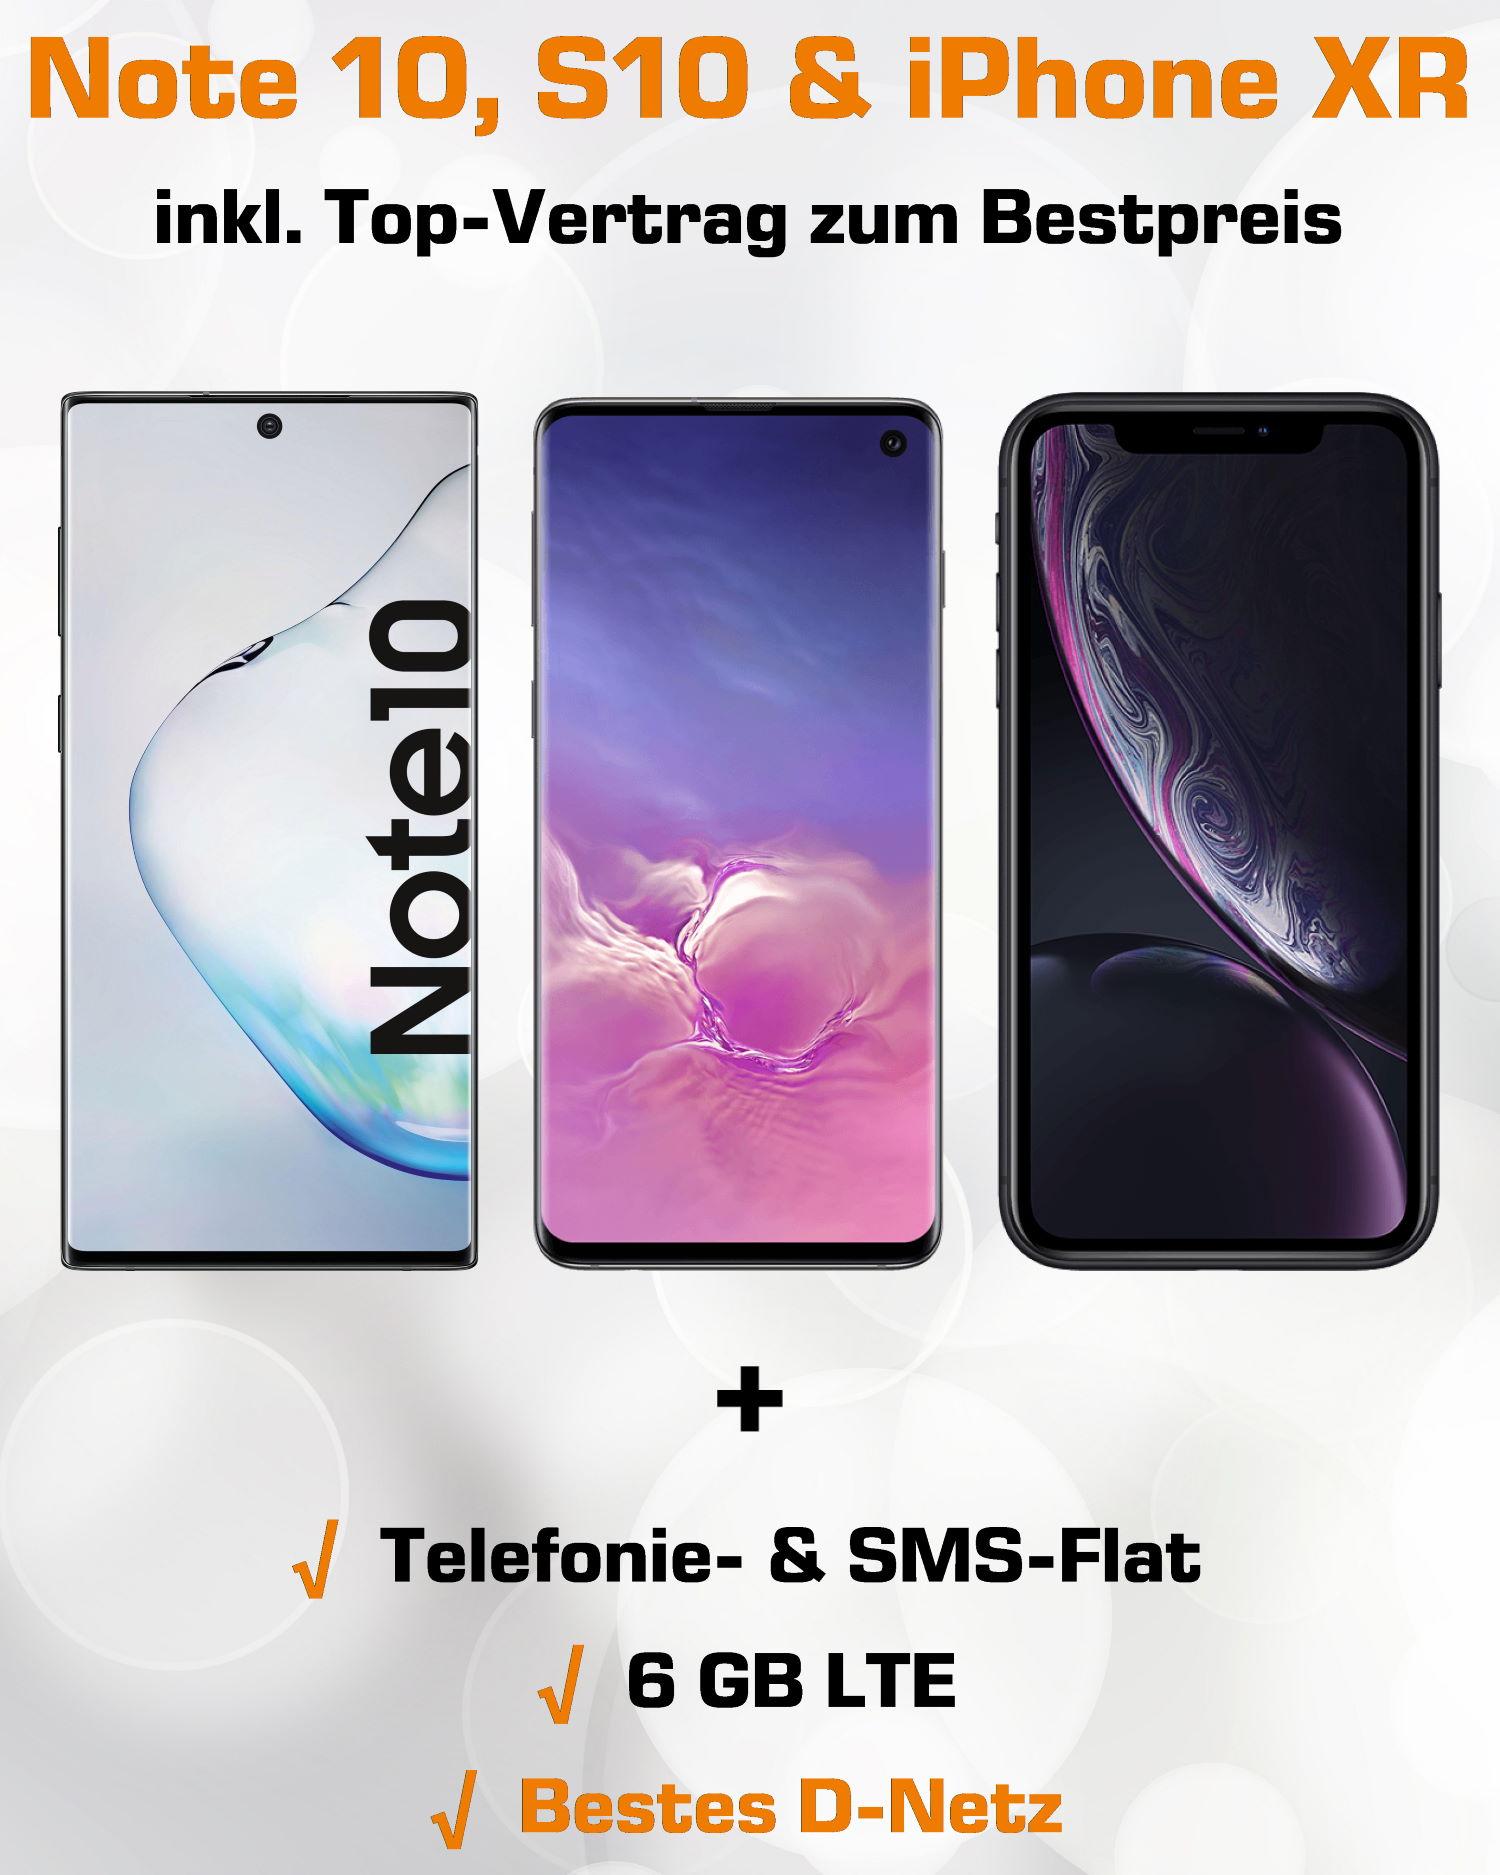 Handy Tarifvergleich Aktion - Galaxy Note 10, S10 und iPhone XR